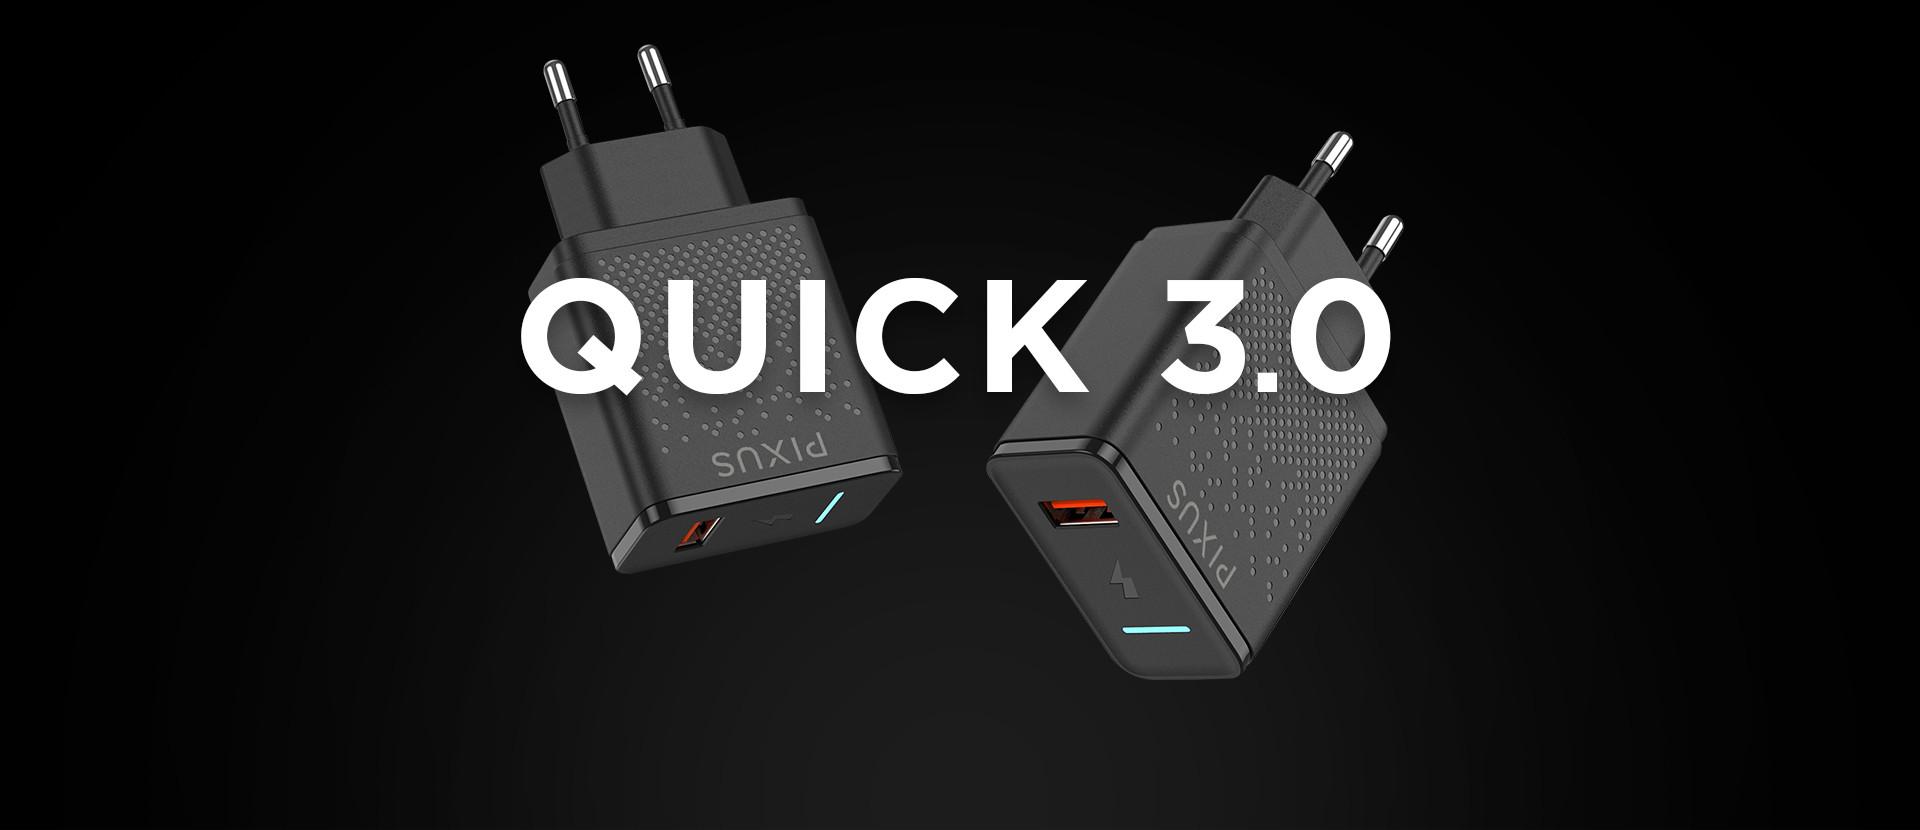 QUICK-3-Wix-Main_02.jpg